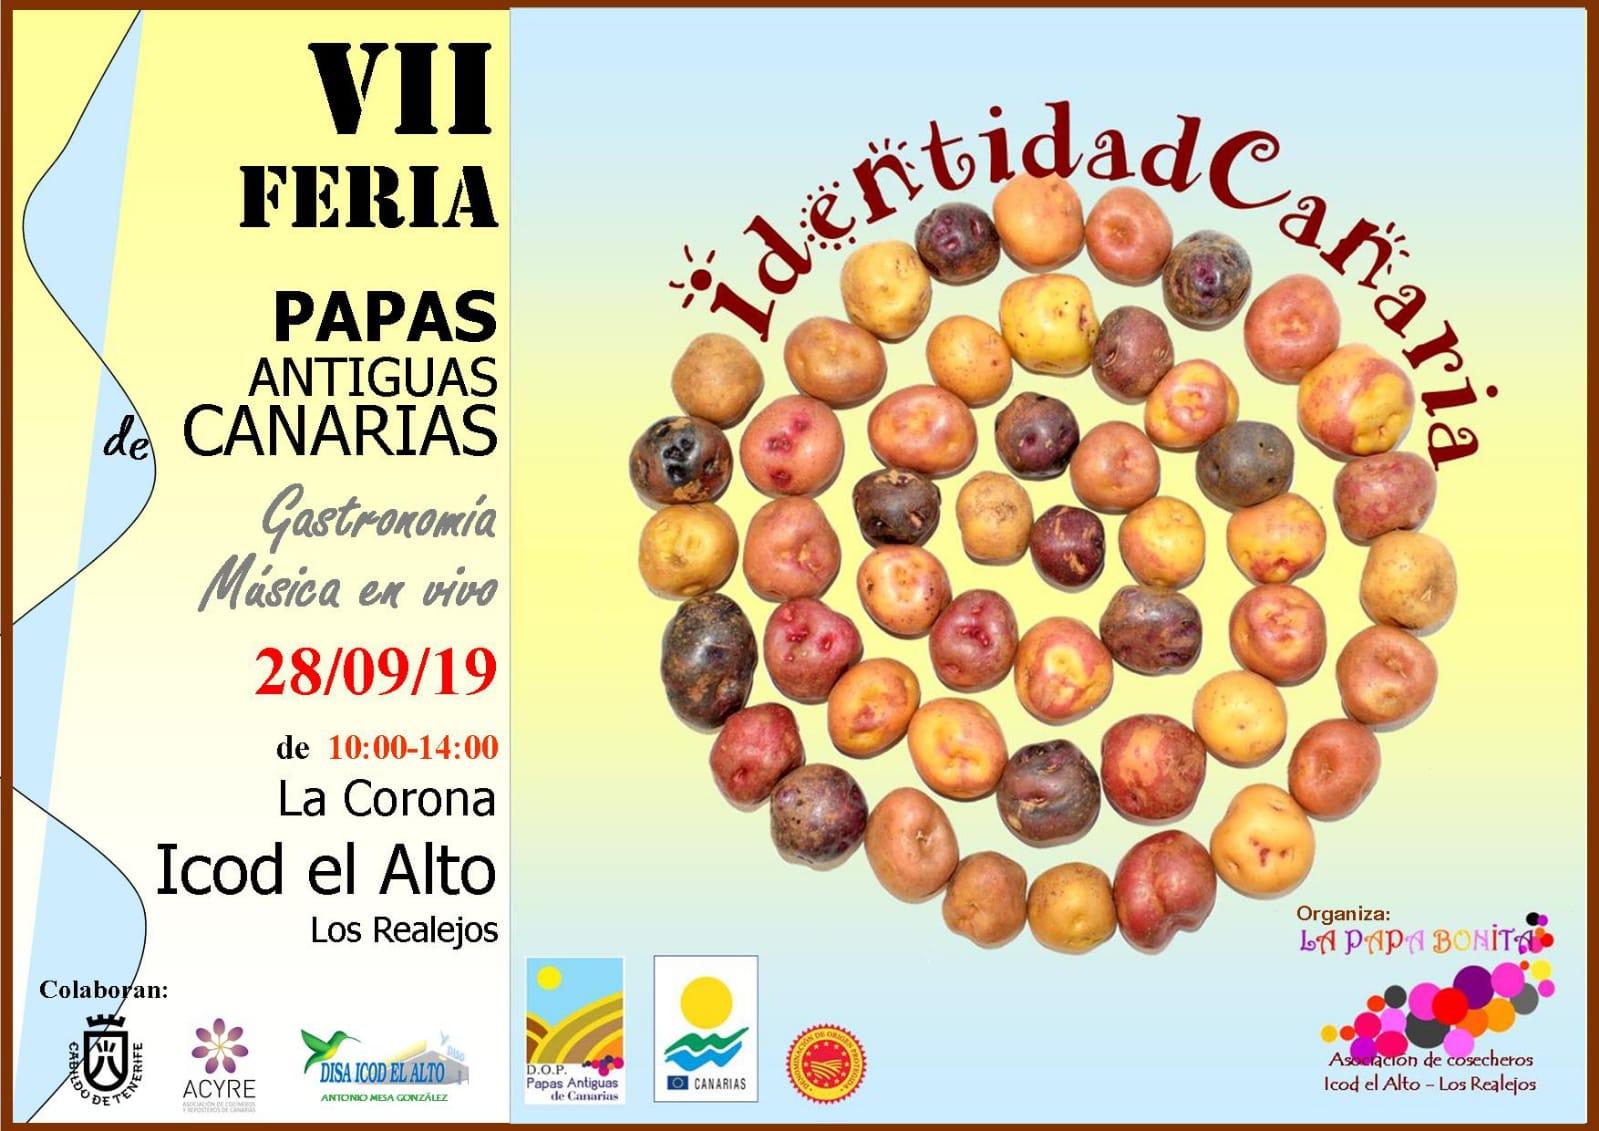 VII Feria de Papas Antiguas de Canarias, 28 de septiembre de 2019 en La Corona, Icod el Alto, Los Realejos